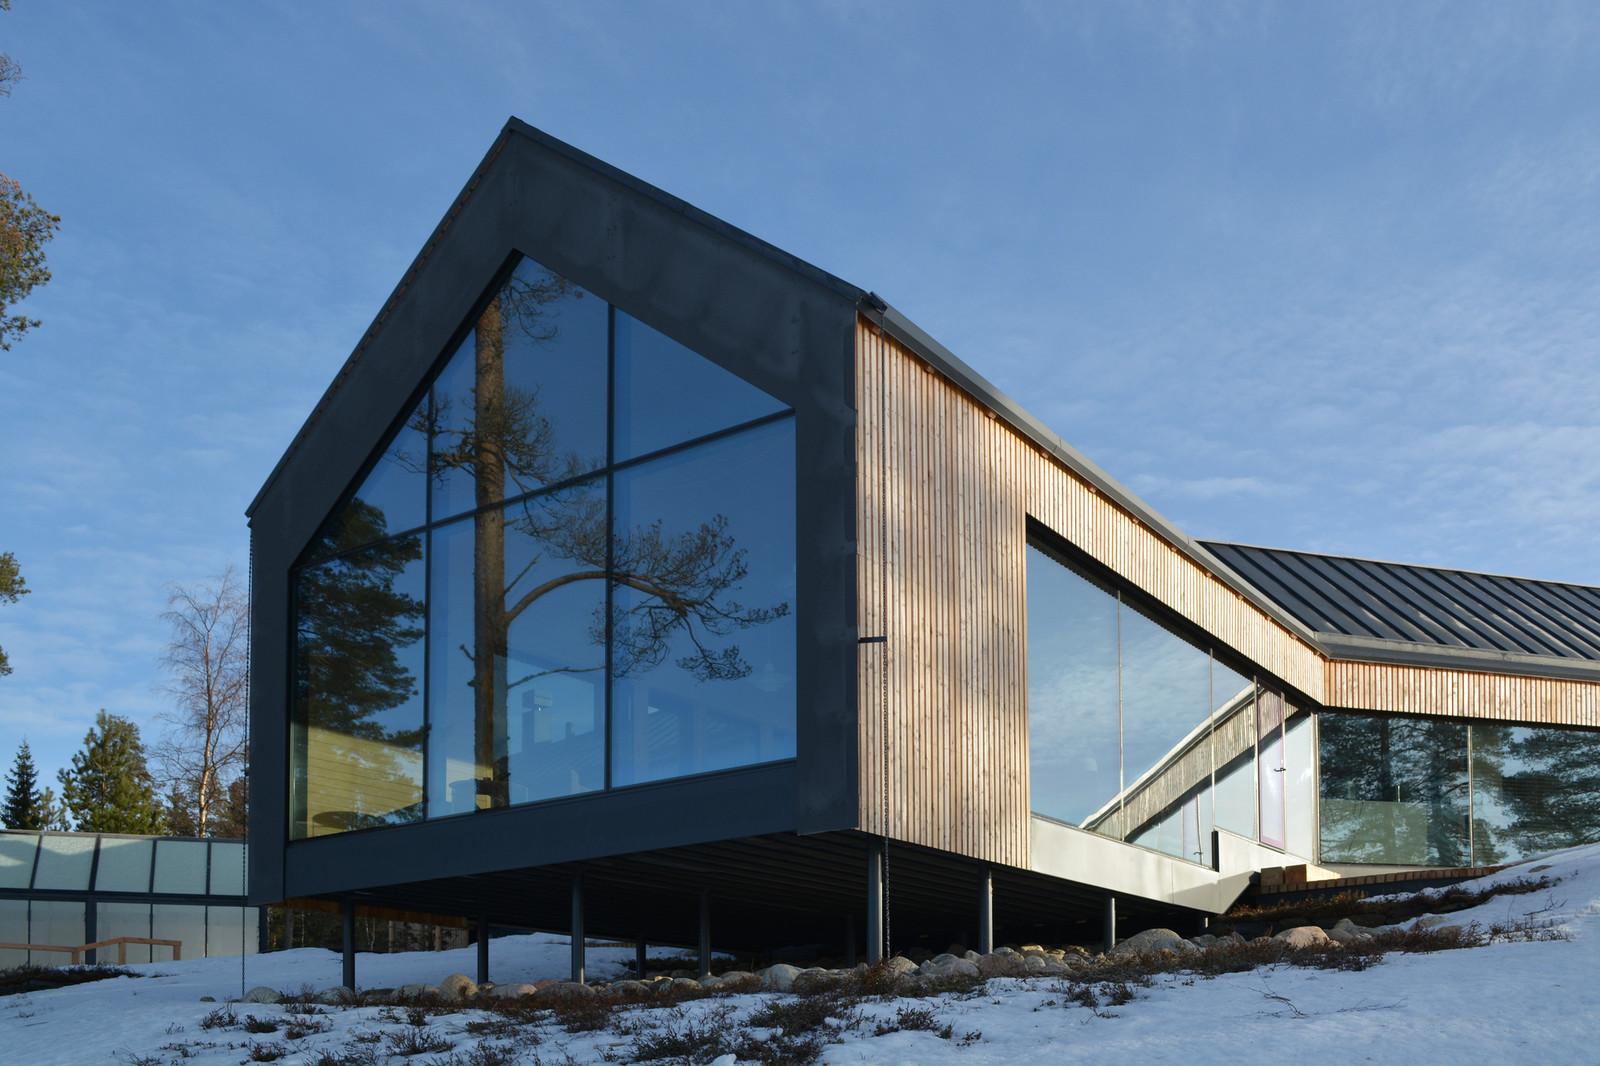 стеклянный загородный дом